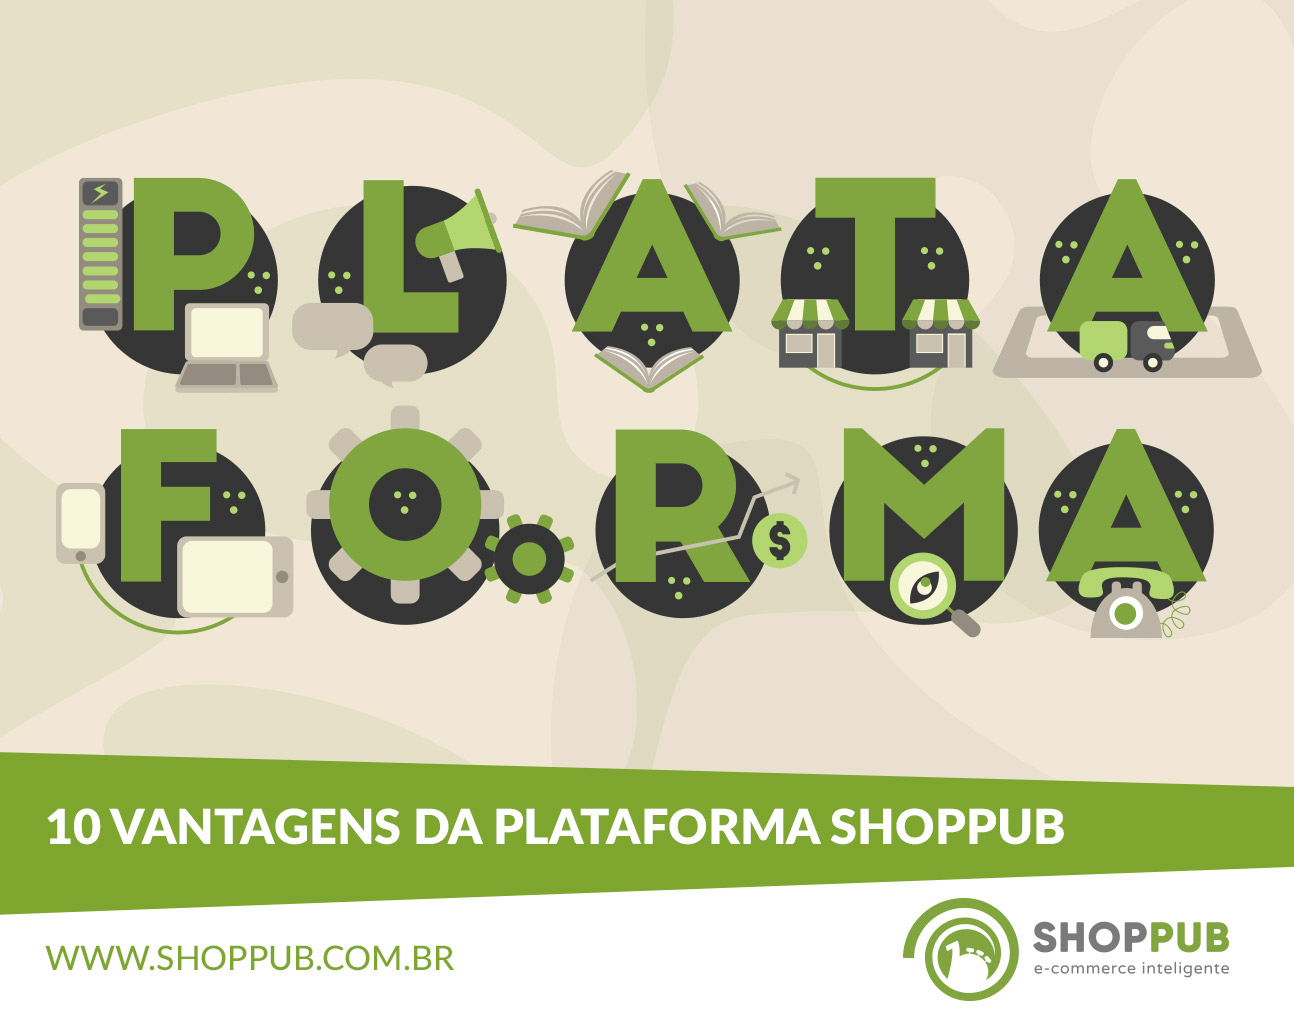 10 vantagens da plataforma Shoppub